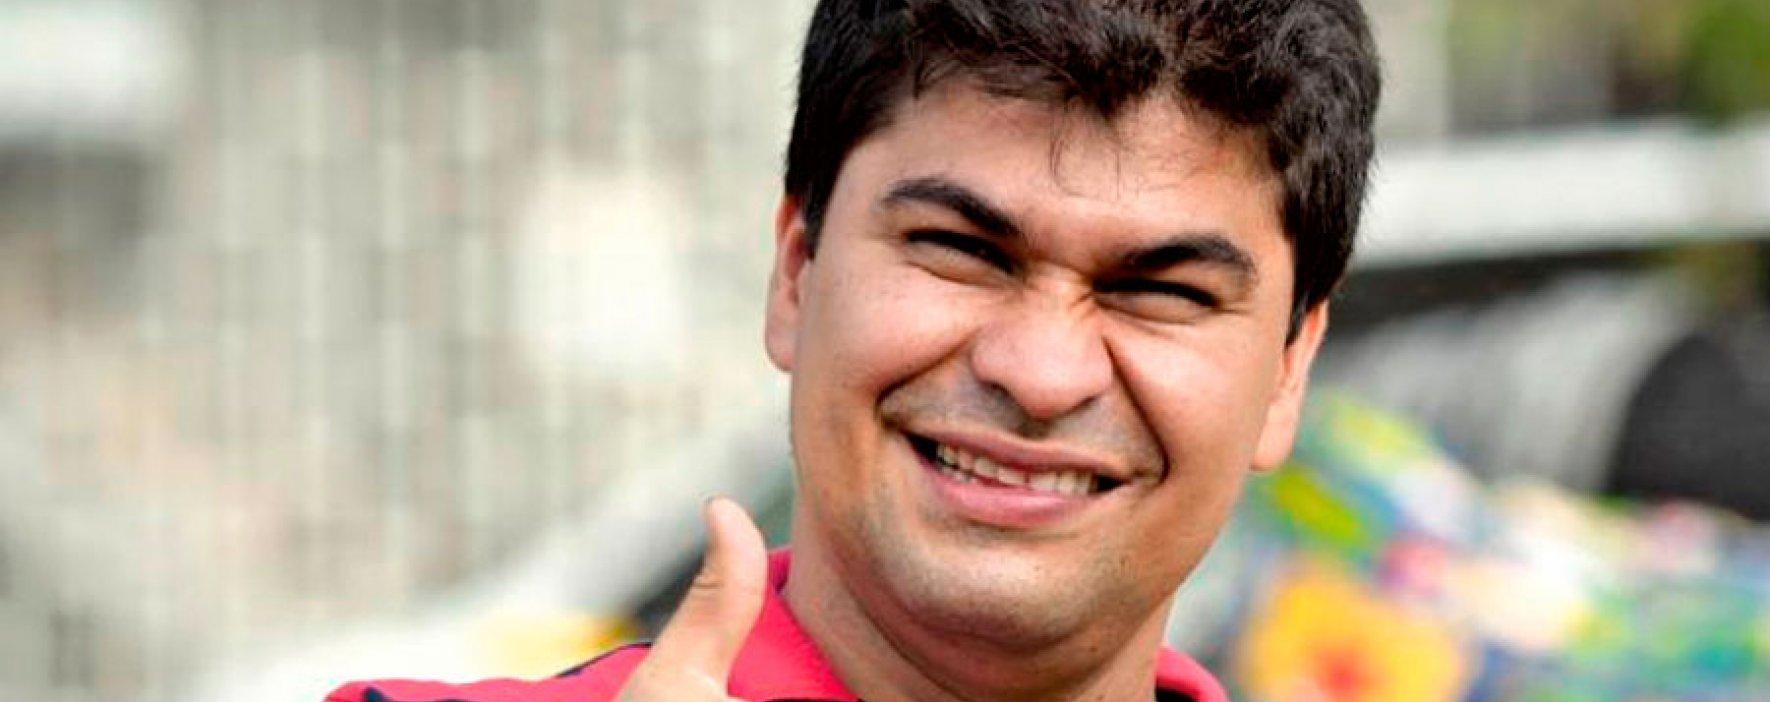 Colombiano se convierte en el Héroe CNN 2016